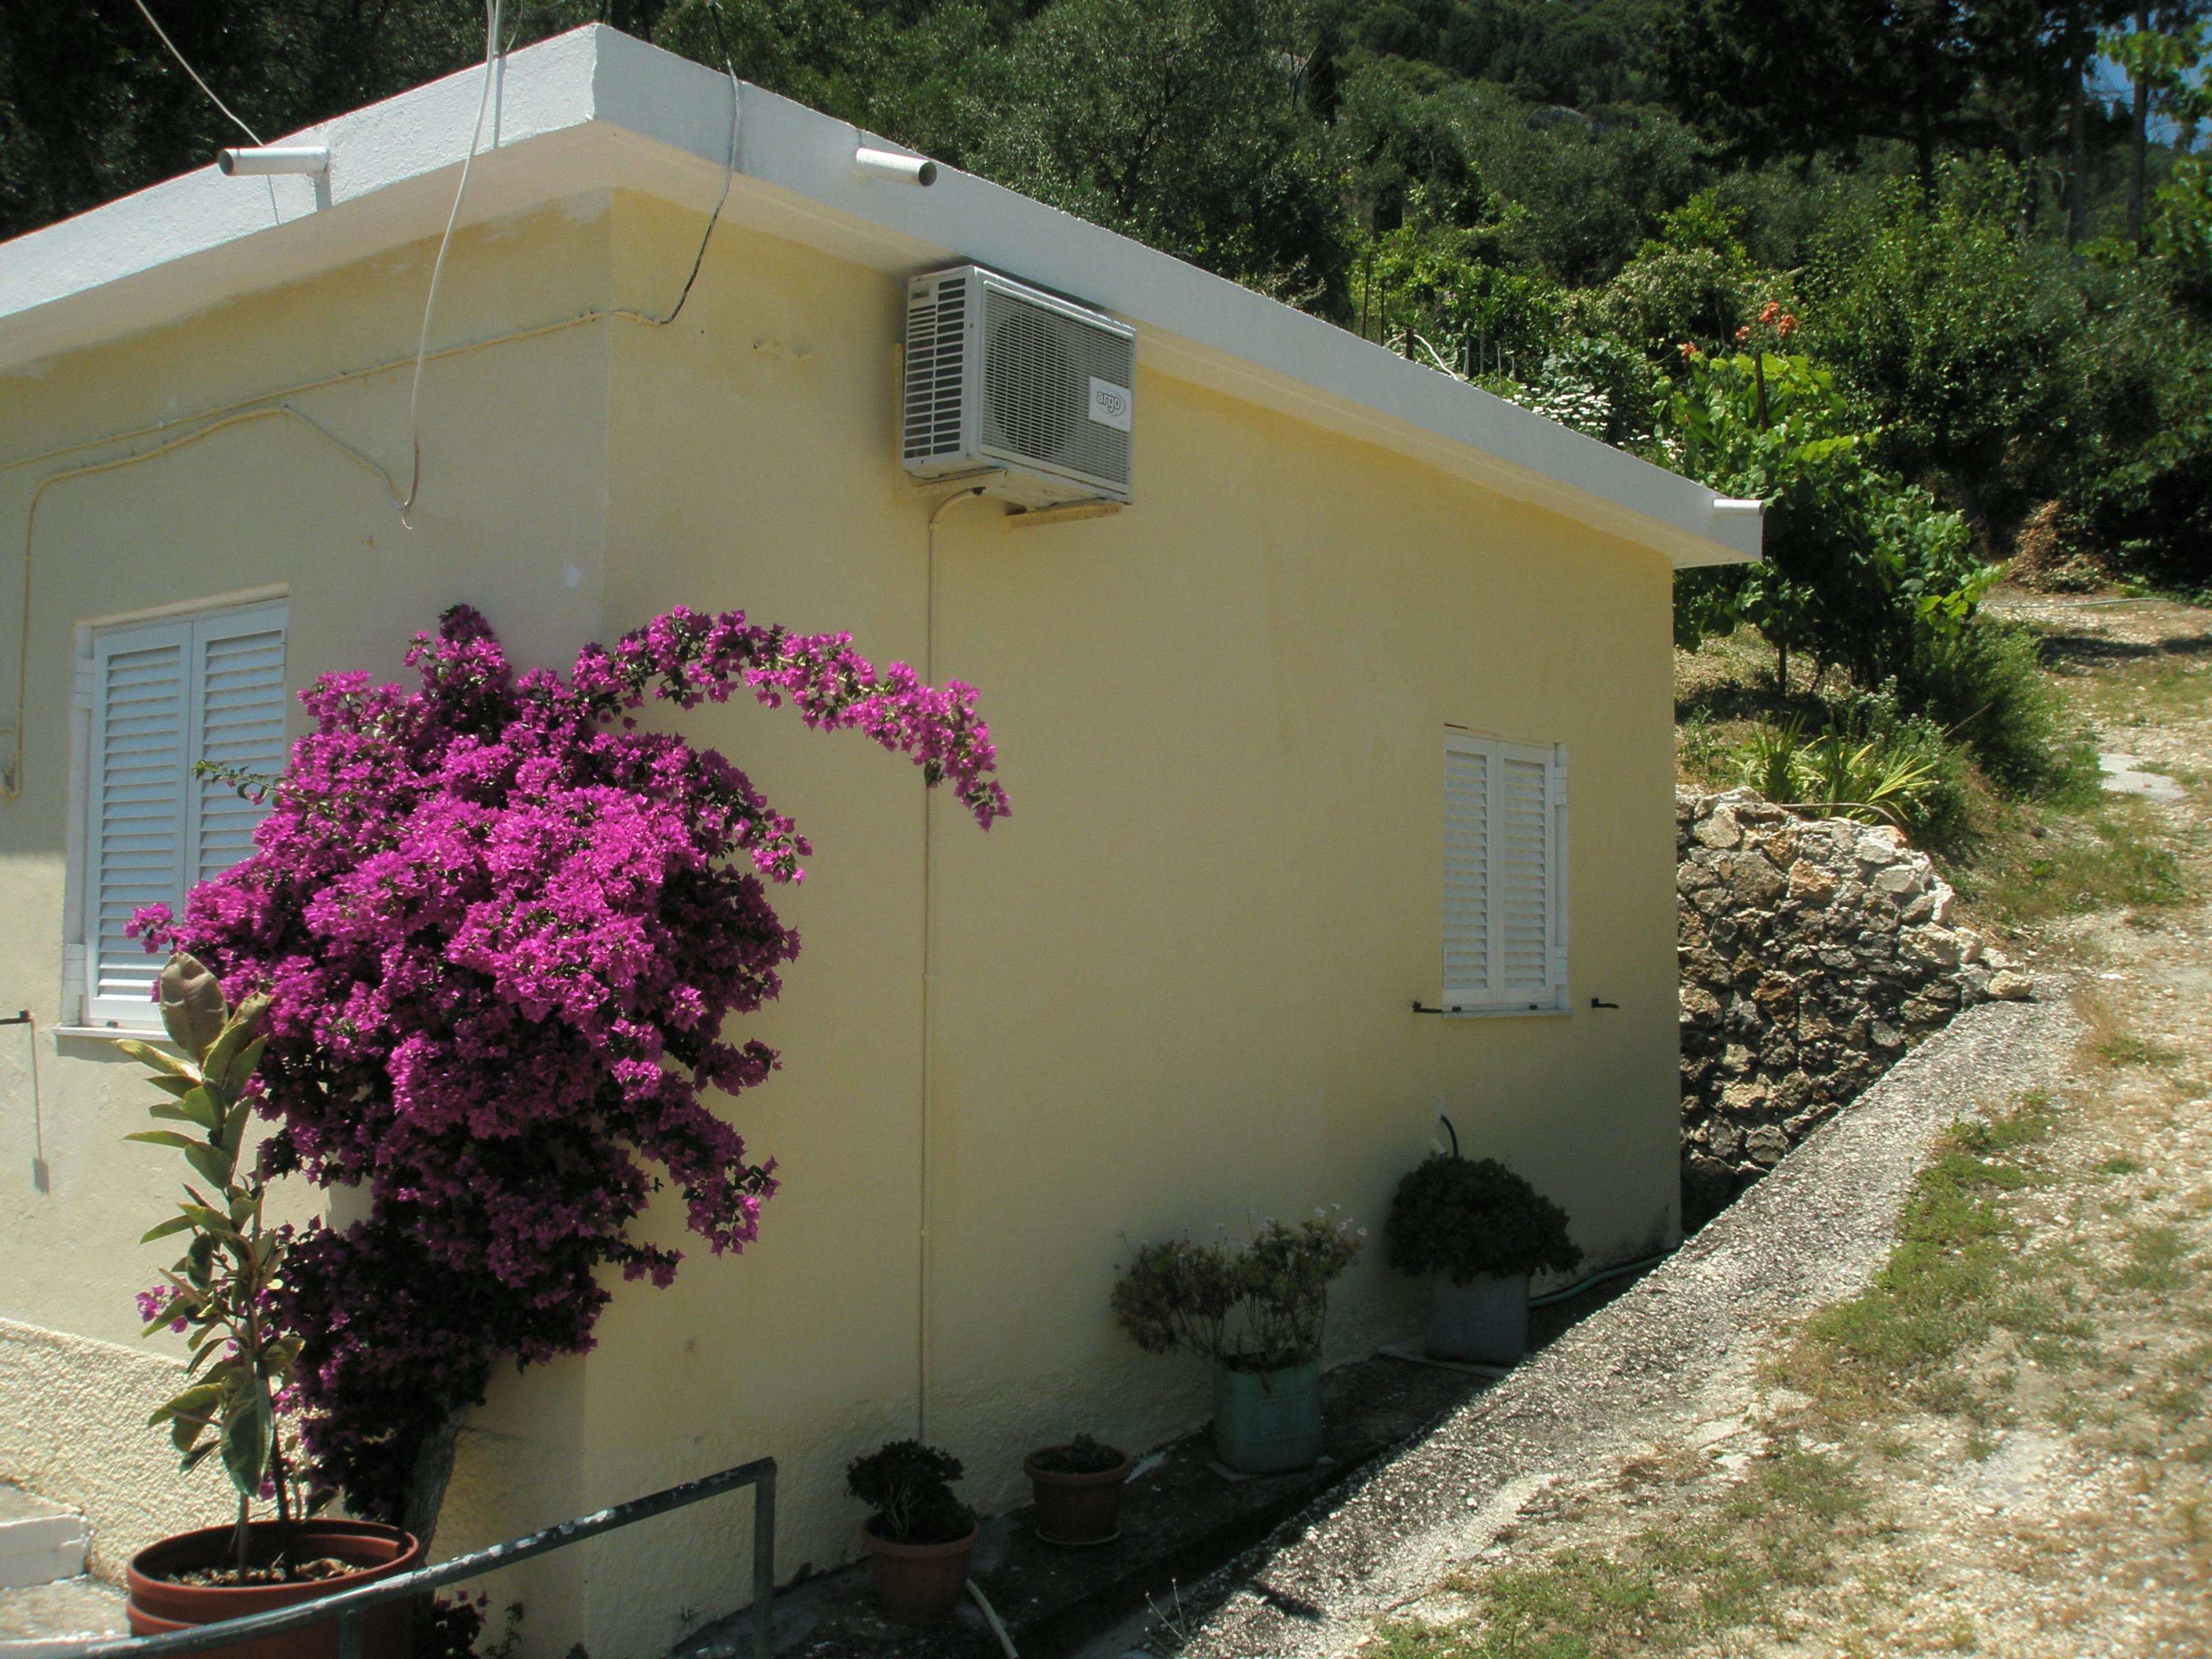 Maison de vacances Entspannte Ferien ein paar Schritte vom Meer entfernt und mit einem Gefhl der Privatsphre (2378713), Moraitika, Corfou, Iles Ioniennes, Grèce, image 2